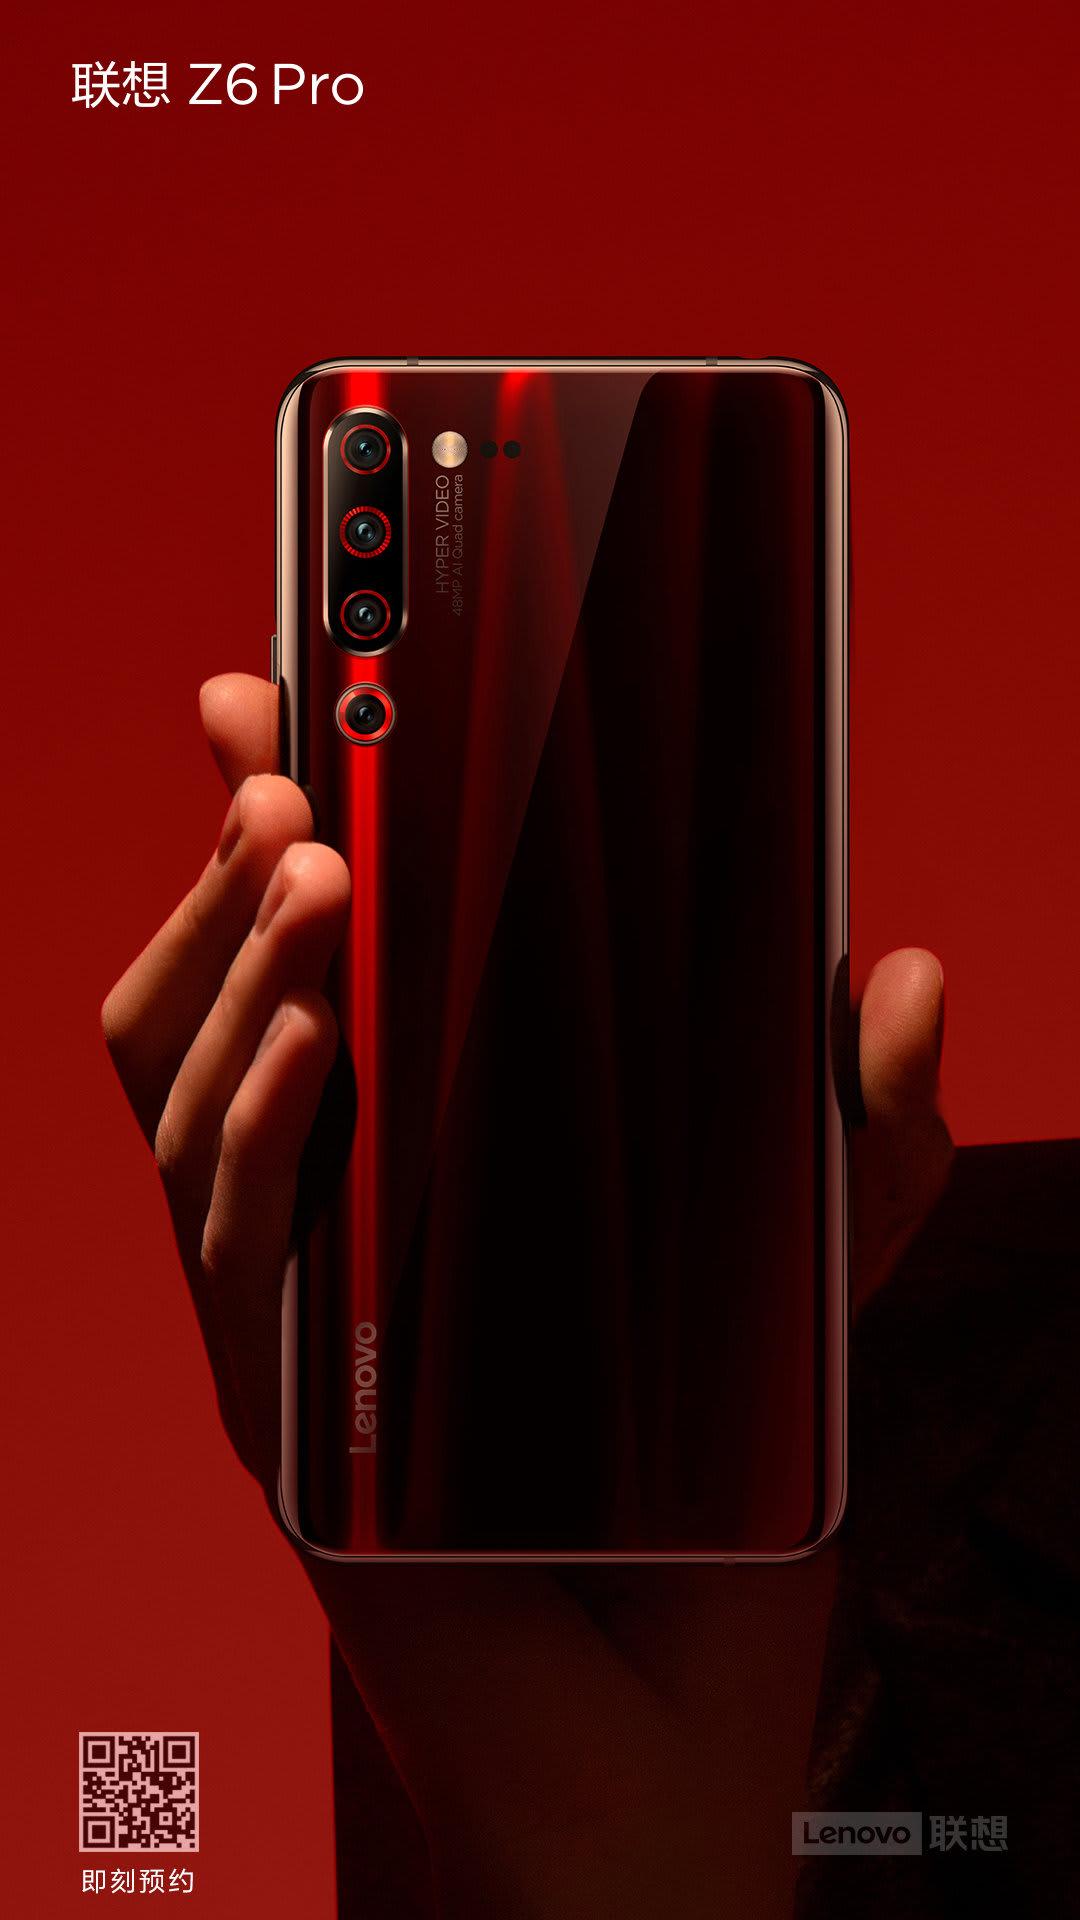 Lenovo Z6 Pro image